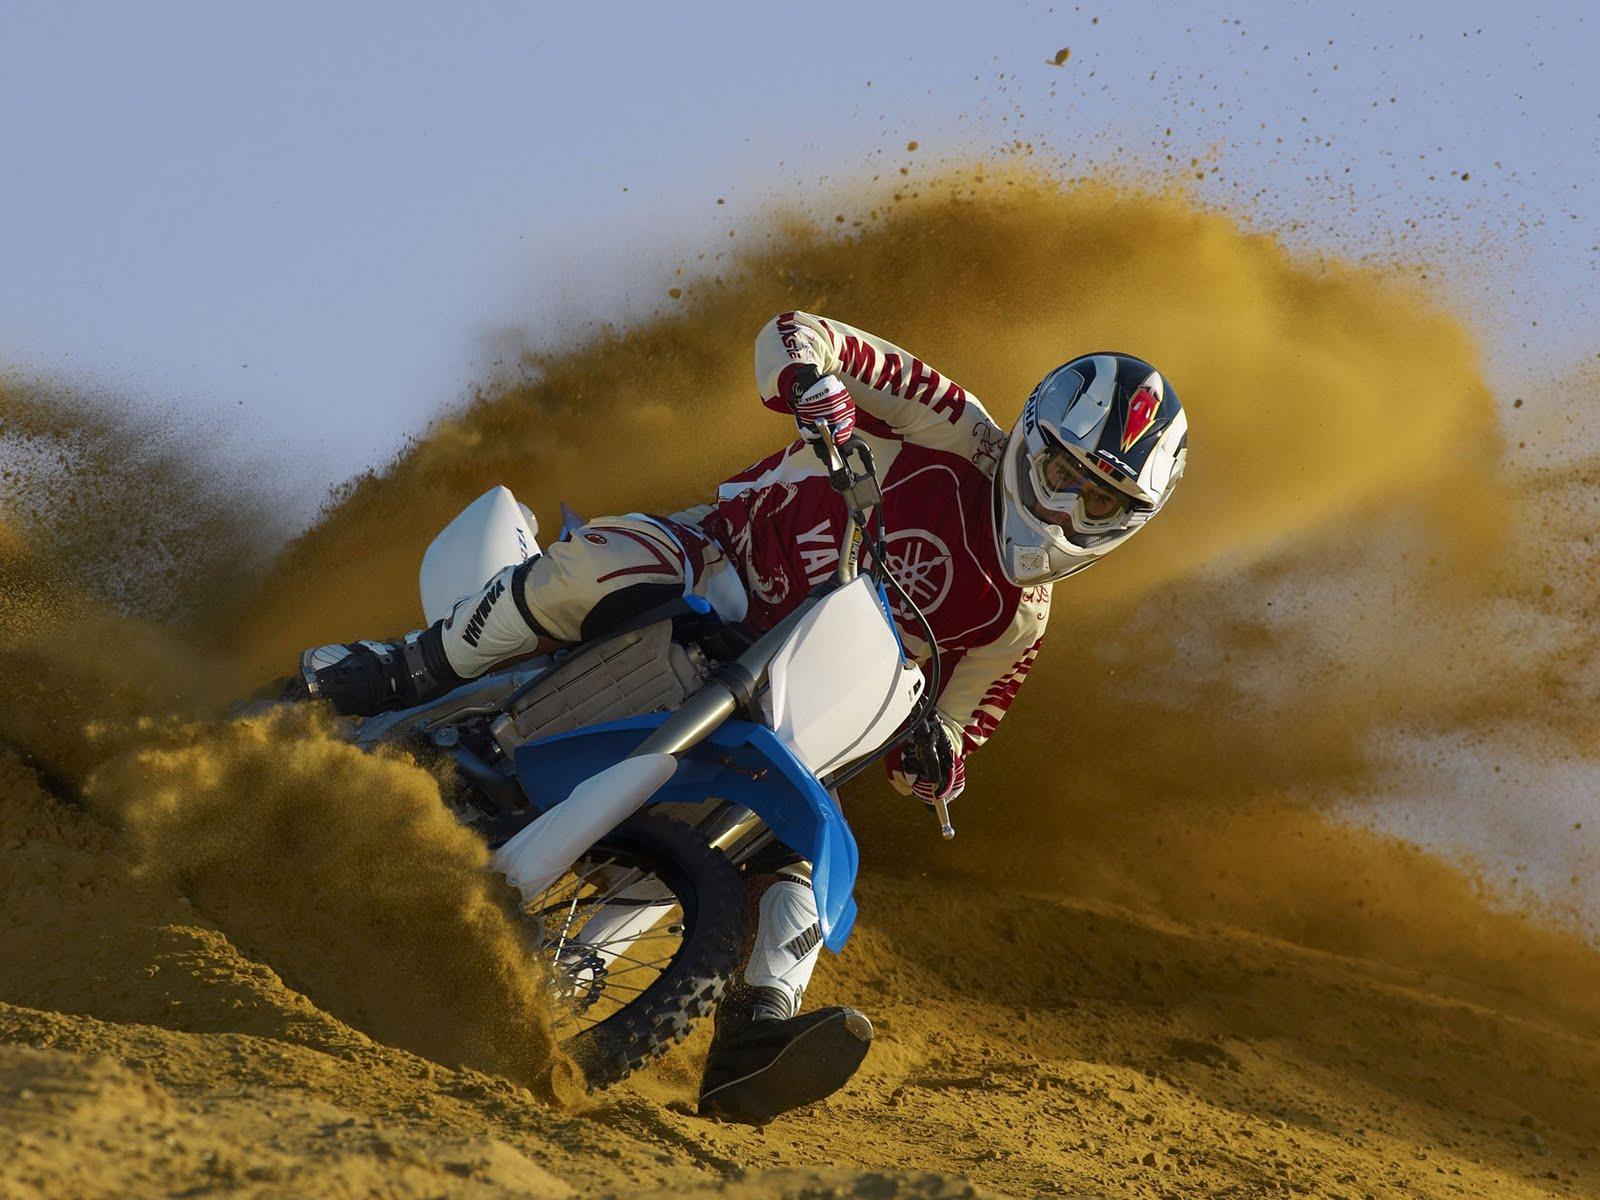 http://1.bp.blogspot.com/-RMb9NaLBOfQ/TefJ1VXUp-I/AAAAAAAABC8/r0R6YA_n0XQ/s1600/2011-Yamaha-YZ250F-First-Ride.jpg